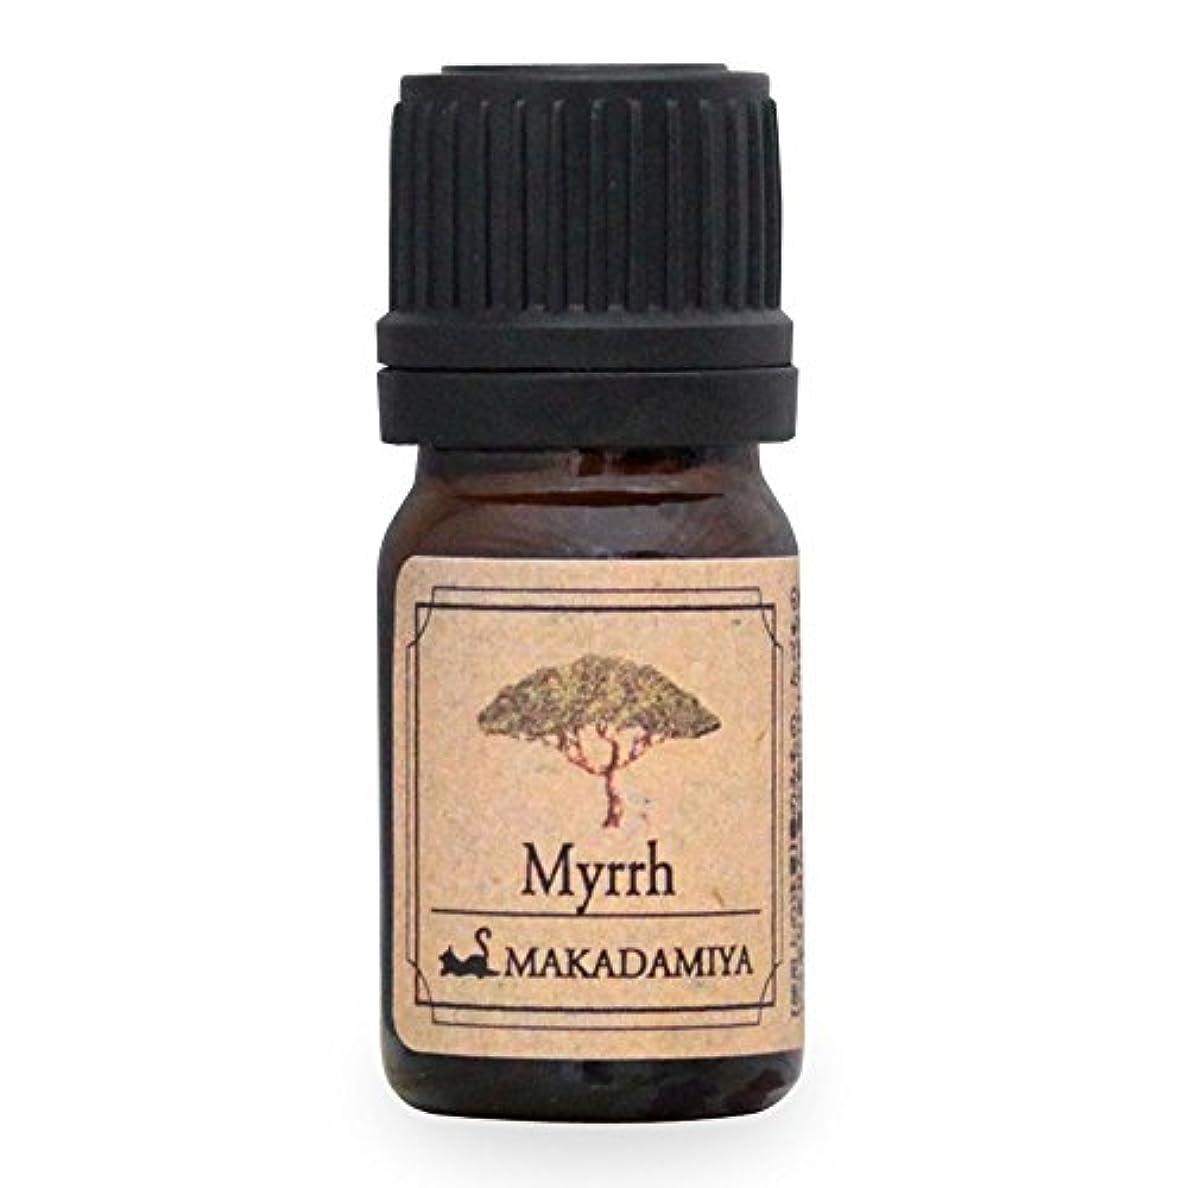 木材スキーム令状ミルラ5ml 天然100%植物性 エッセンシャルオイル(精油) アロマオイル アロママッサージ aroma Myrrh